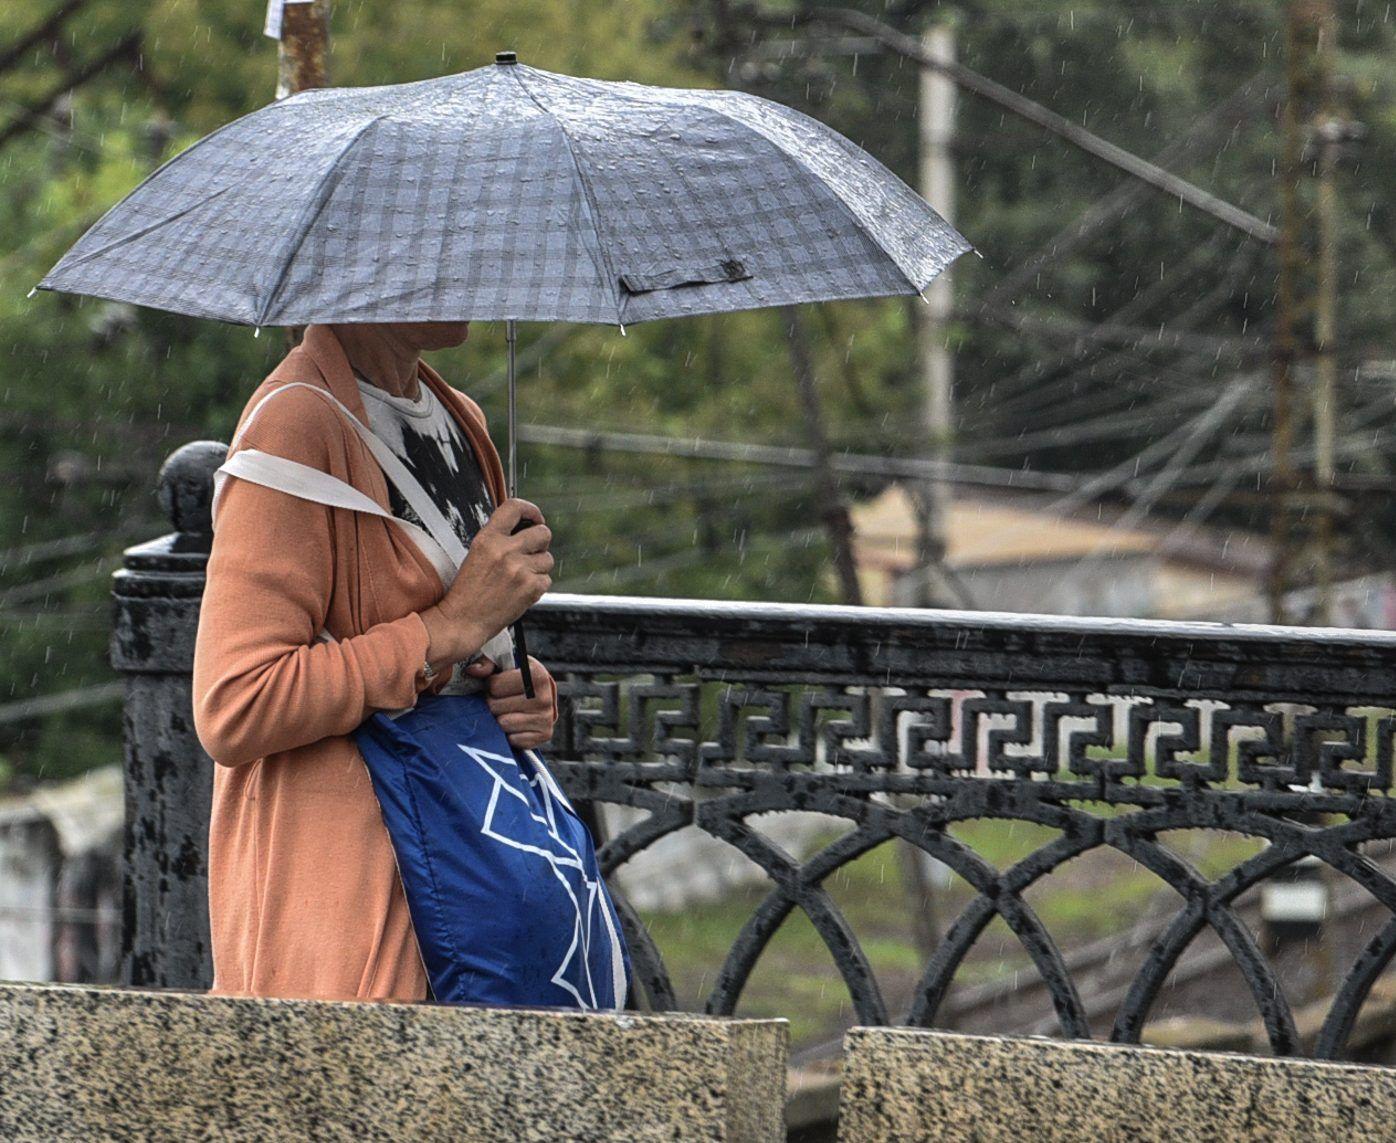 Теплая погода с кратковременными осадками ожидается встолице